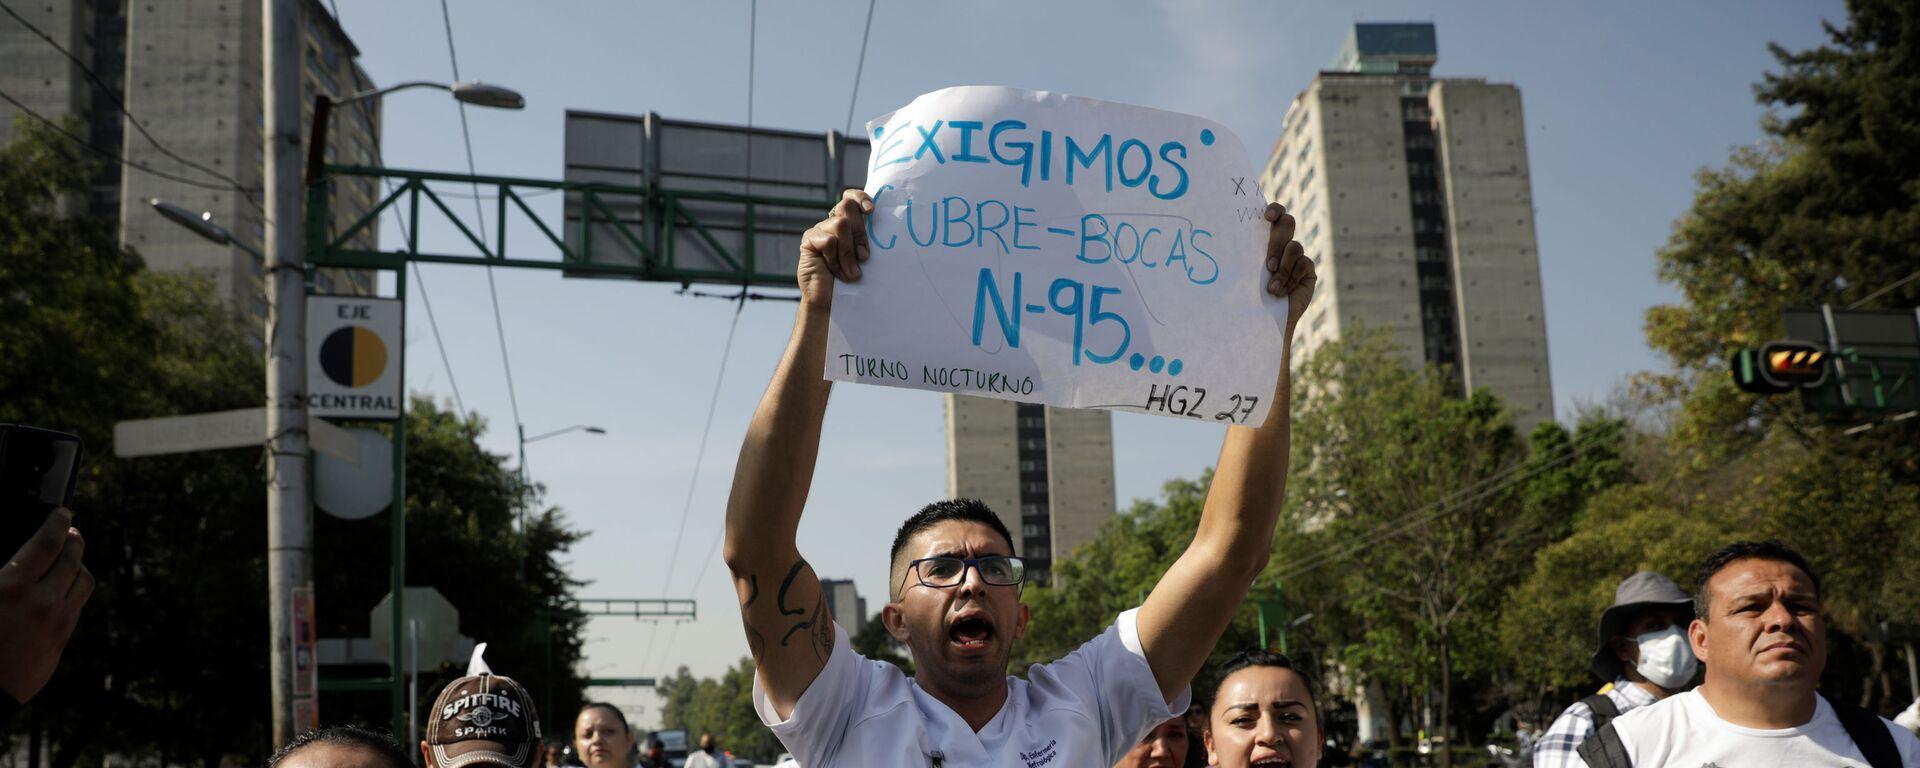 Trabajadores médicos del Instituto Mexicano del Seguro Social (IMSS) protestan para exigir un mejor equipo de protección para tratar a los pacientes con COVID-19, Ciudad de México - Sputnik Mundo, 1920, 21.04.2020